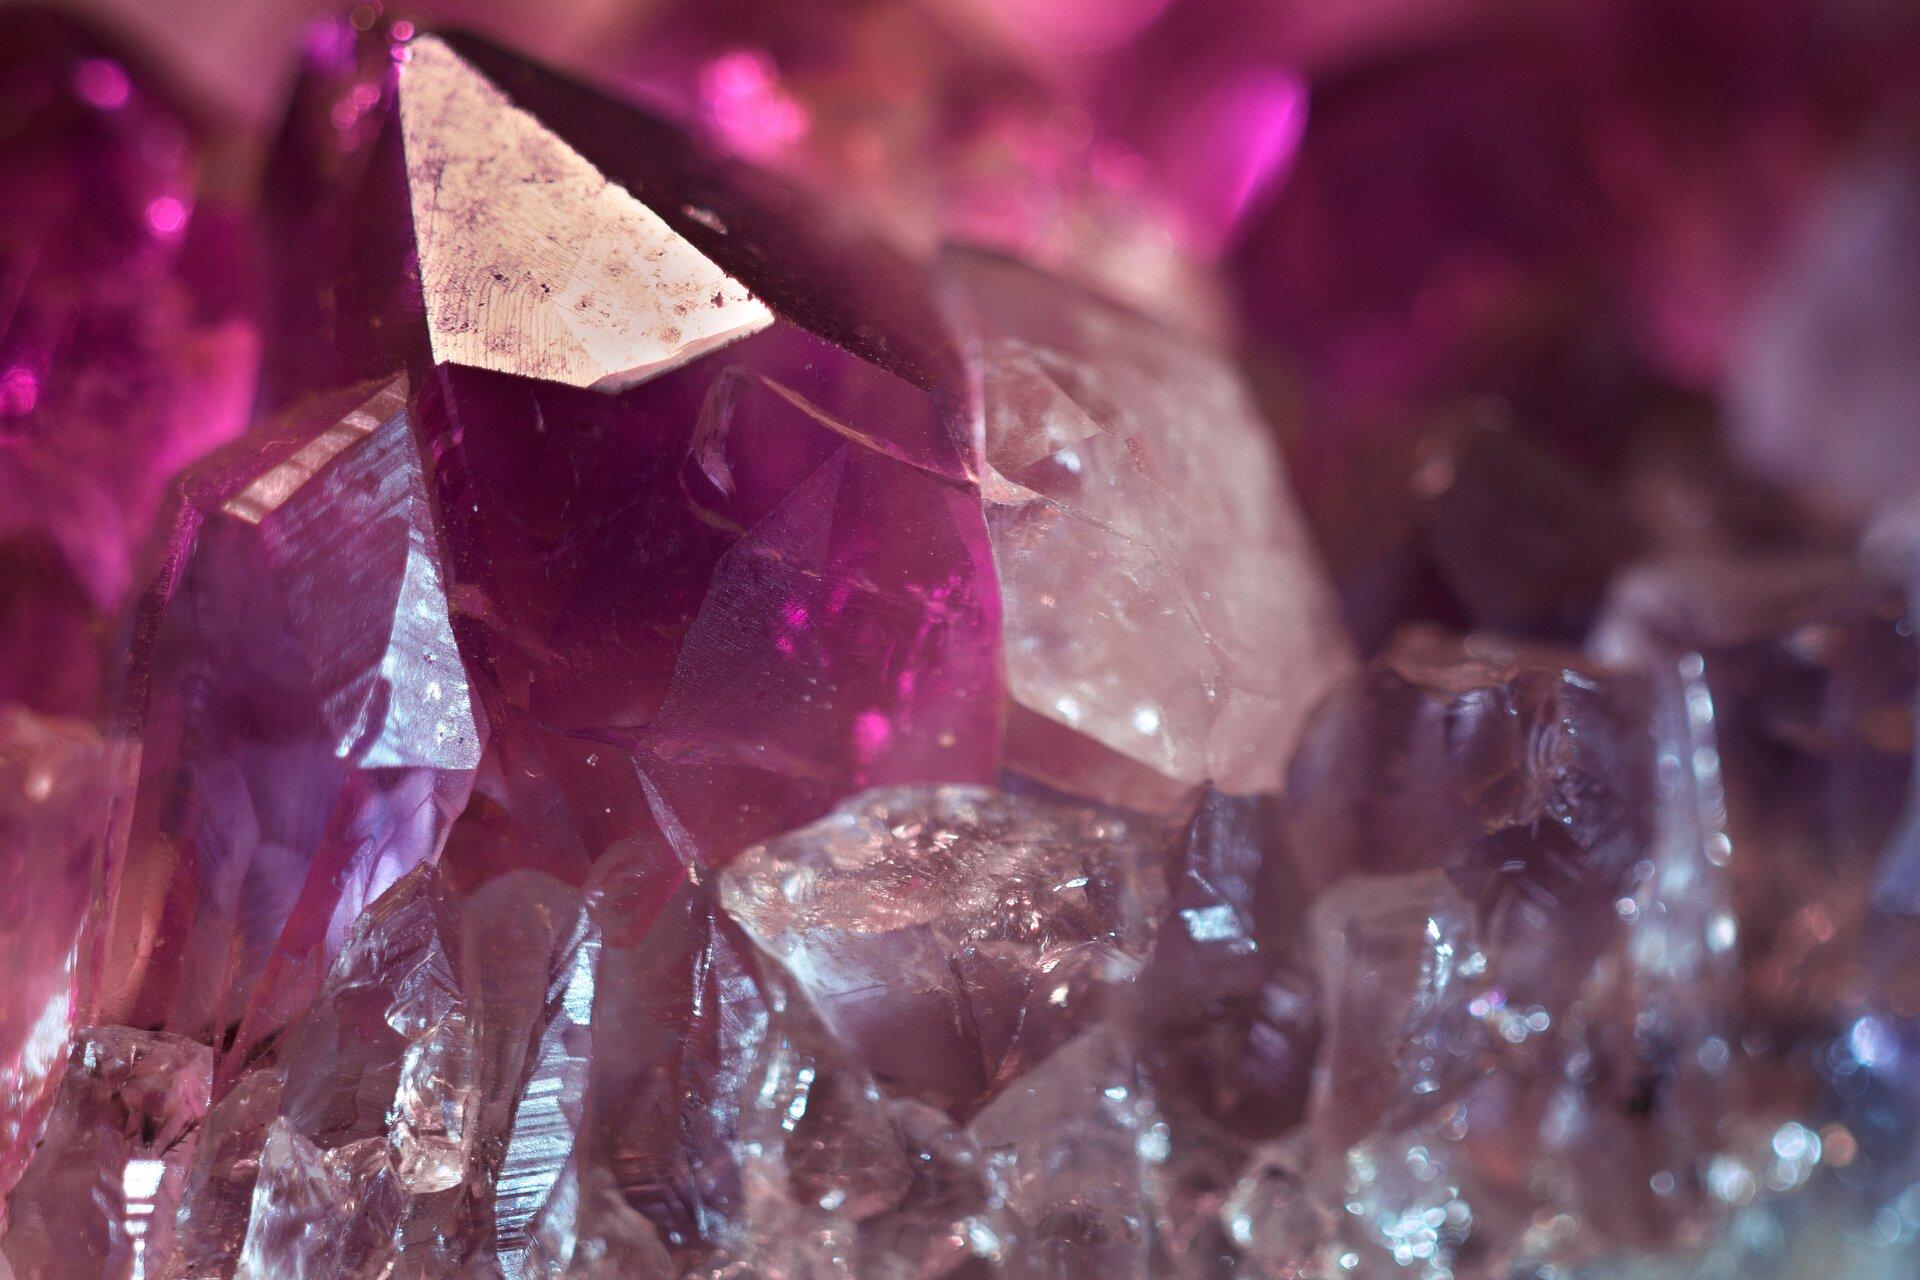 Zdjęcie przedstawia fragment kryształu ametystu wzbliżeniu, na tle pozostałej, większej części minerału. Uwagę zwracają gładkie powierzchnie krystalicznego słupka oraz intensywnie purpurowa barwa kamienia.